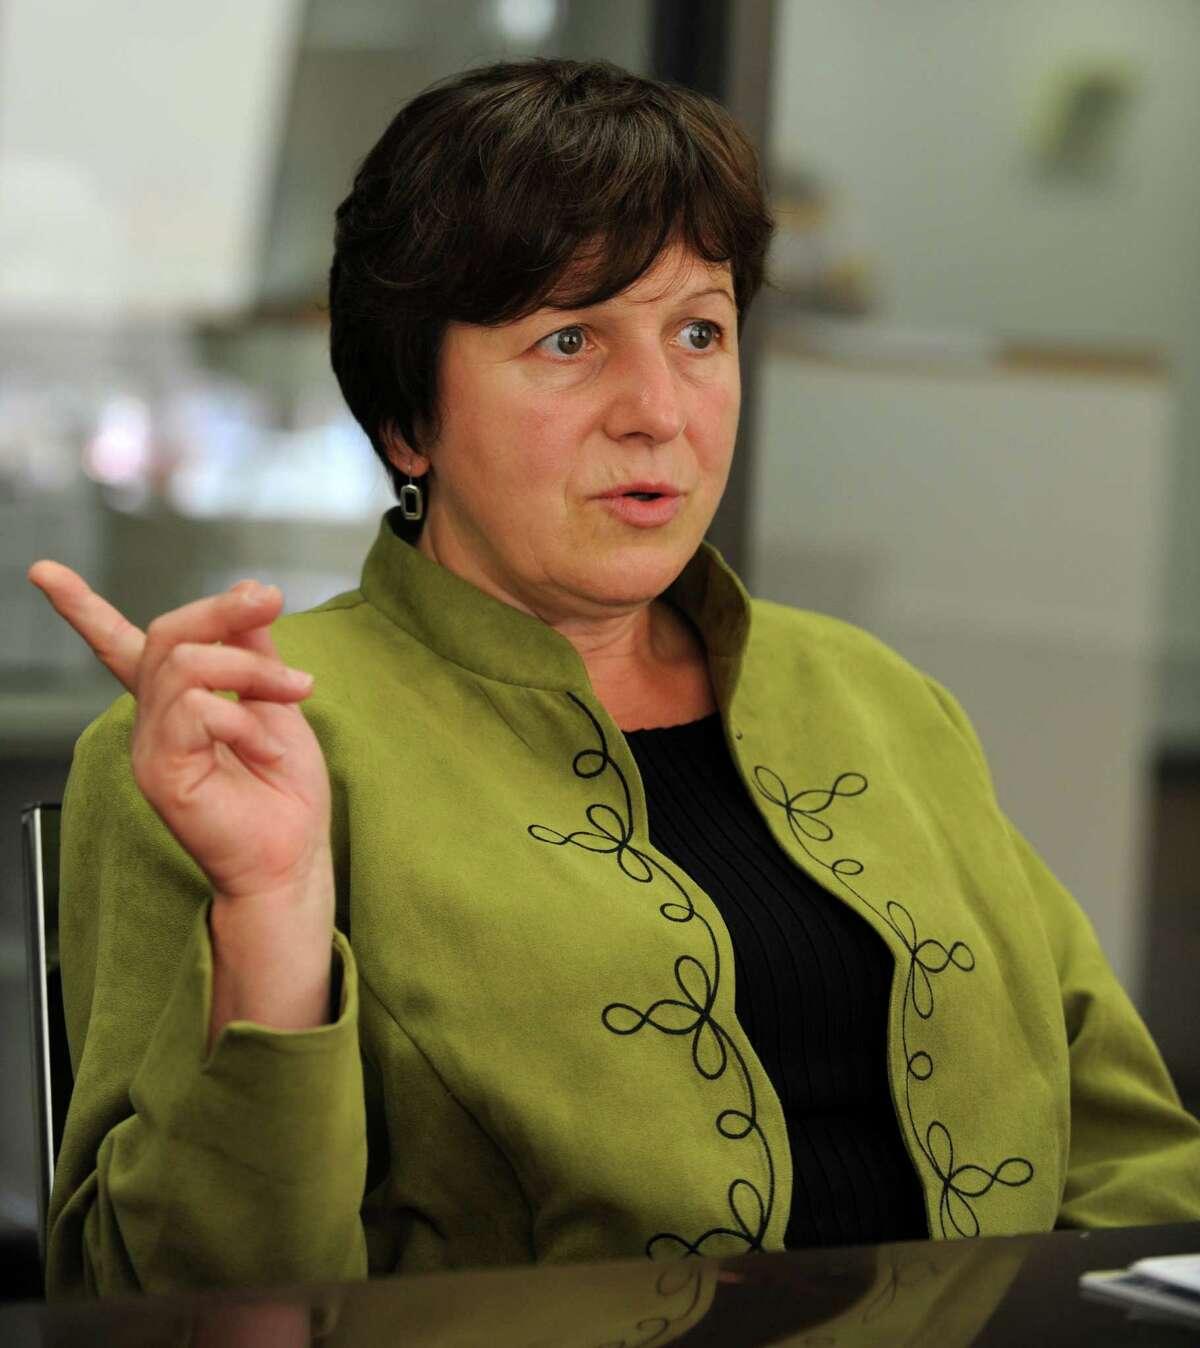 Derby Mayor Anita Dugatto